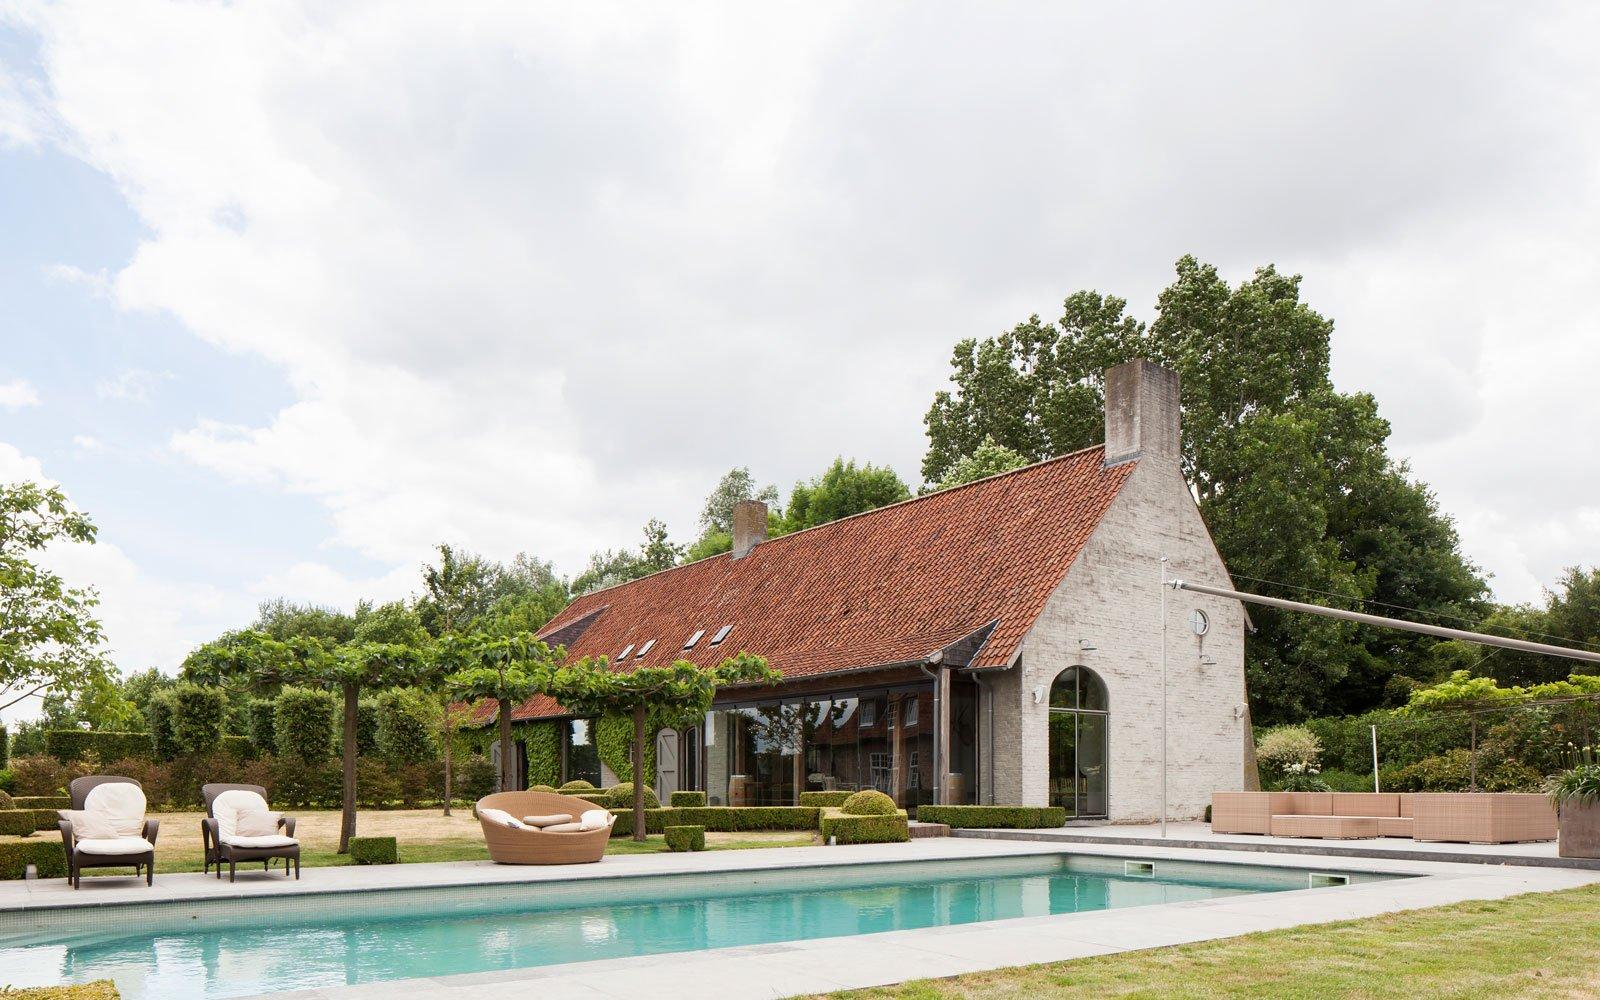 zwembad in de tuin, jelle vandercasteelen, zwembad aanleggen, tuin ontwerpen